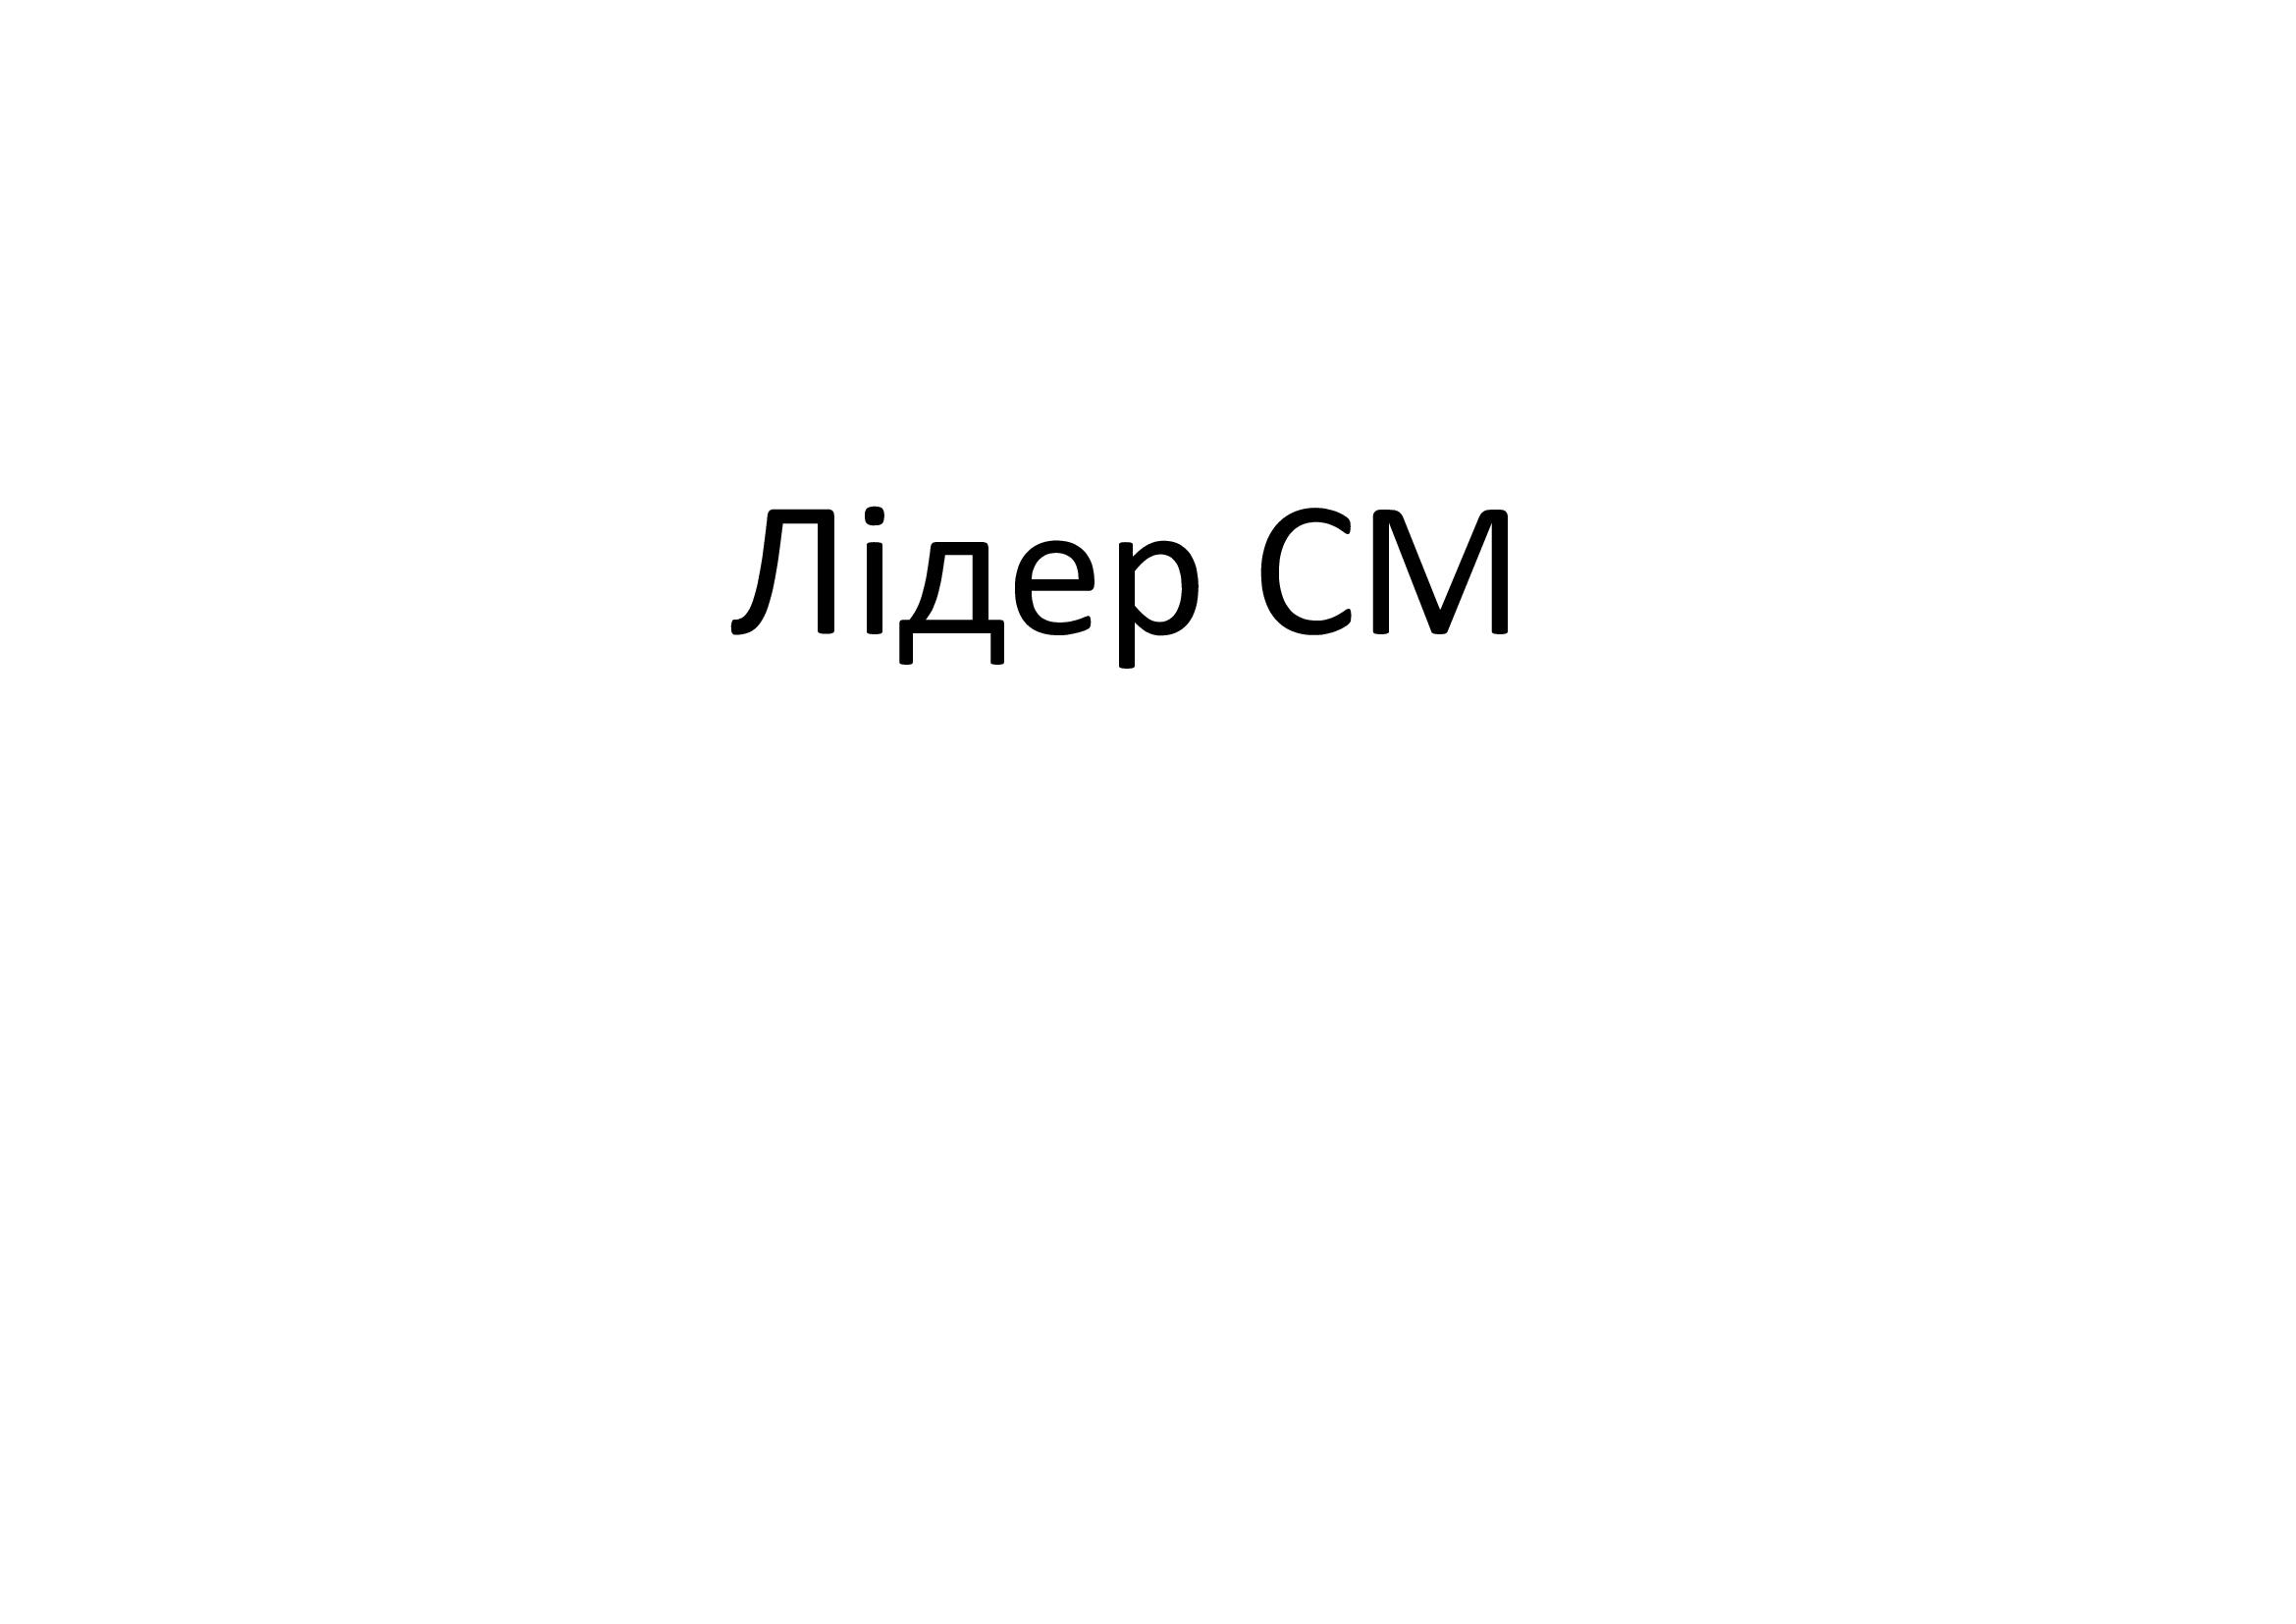 Бугаєнко Сергій Миколайович ФОП